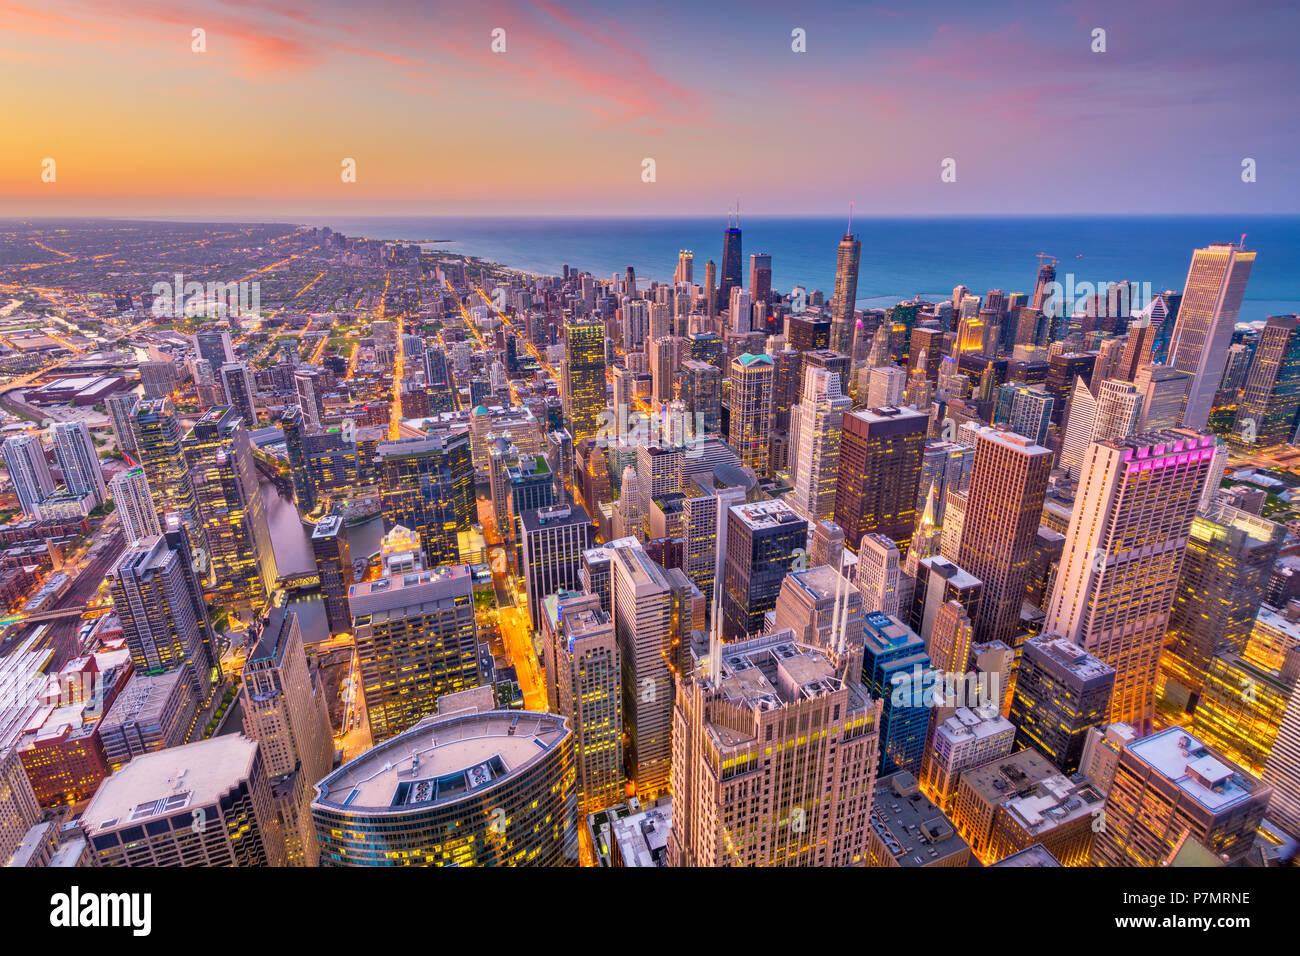 Chicago, Illinois, Stati Uniti d'America antenna skyline del centro al tramonto verso il lago Michigan. Immagini Stock